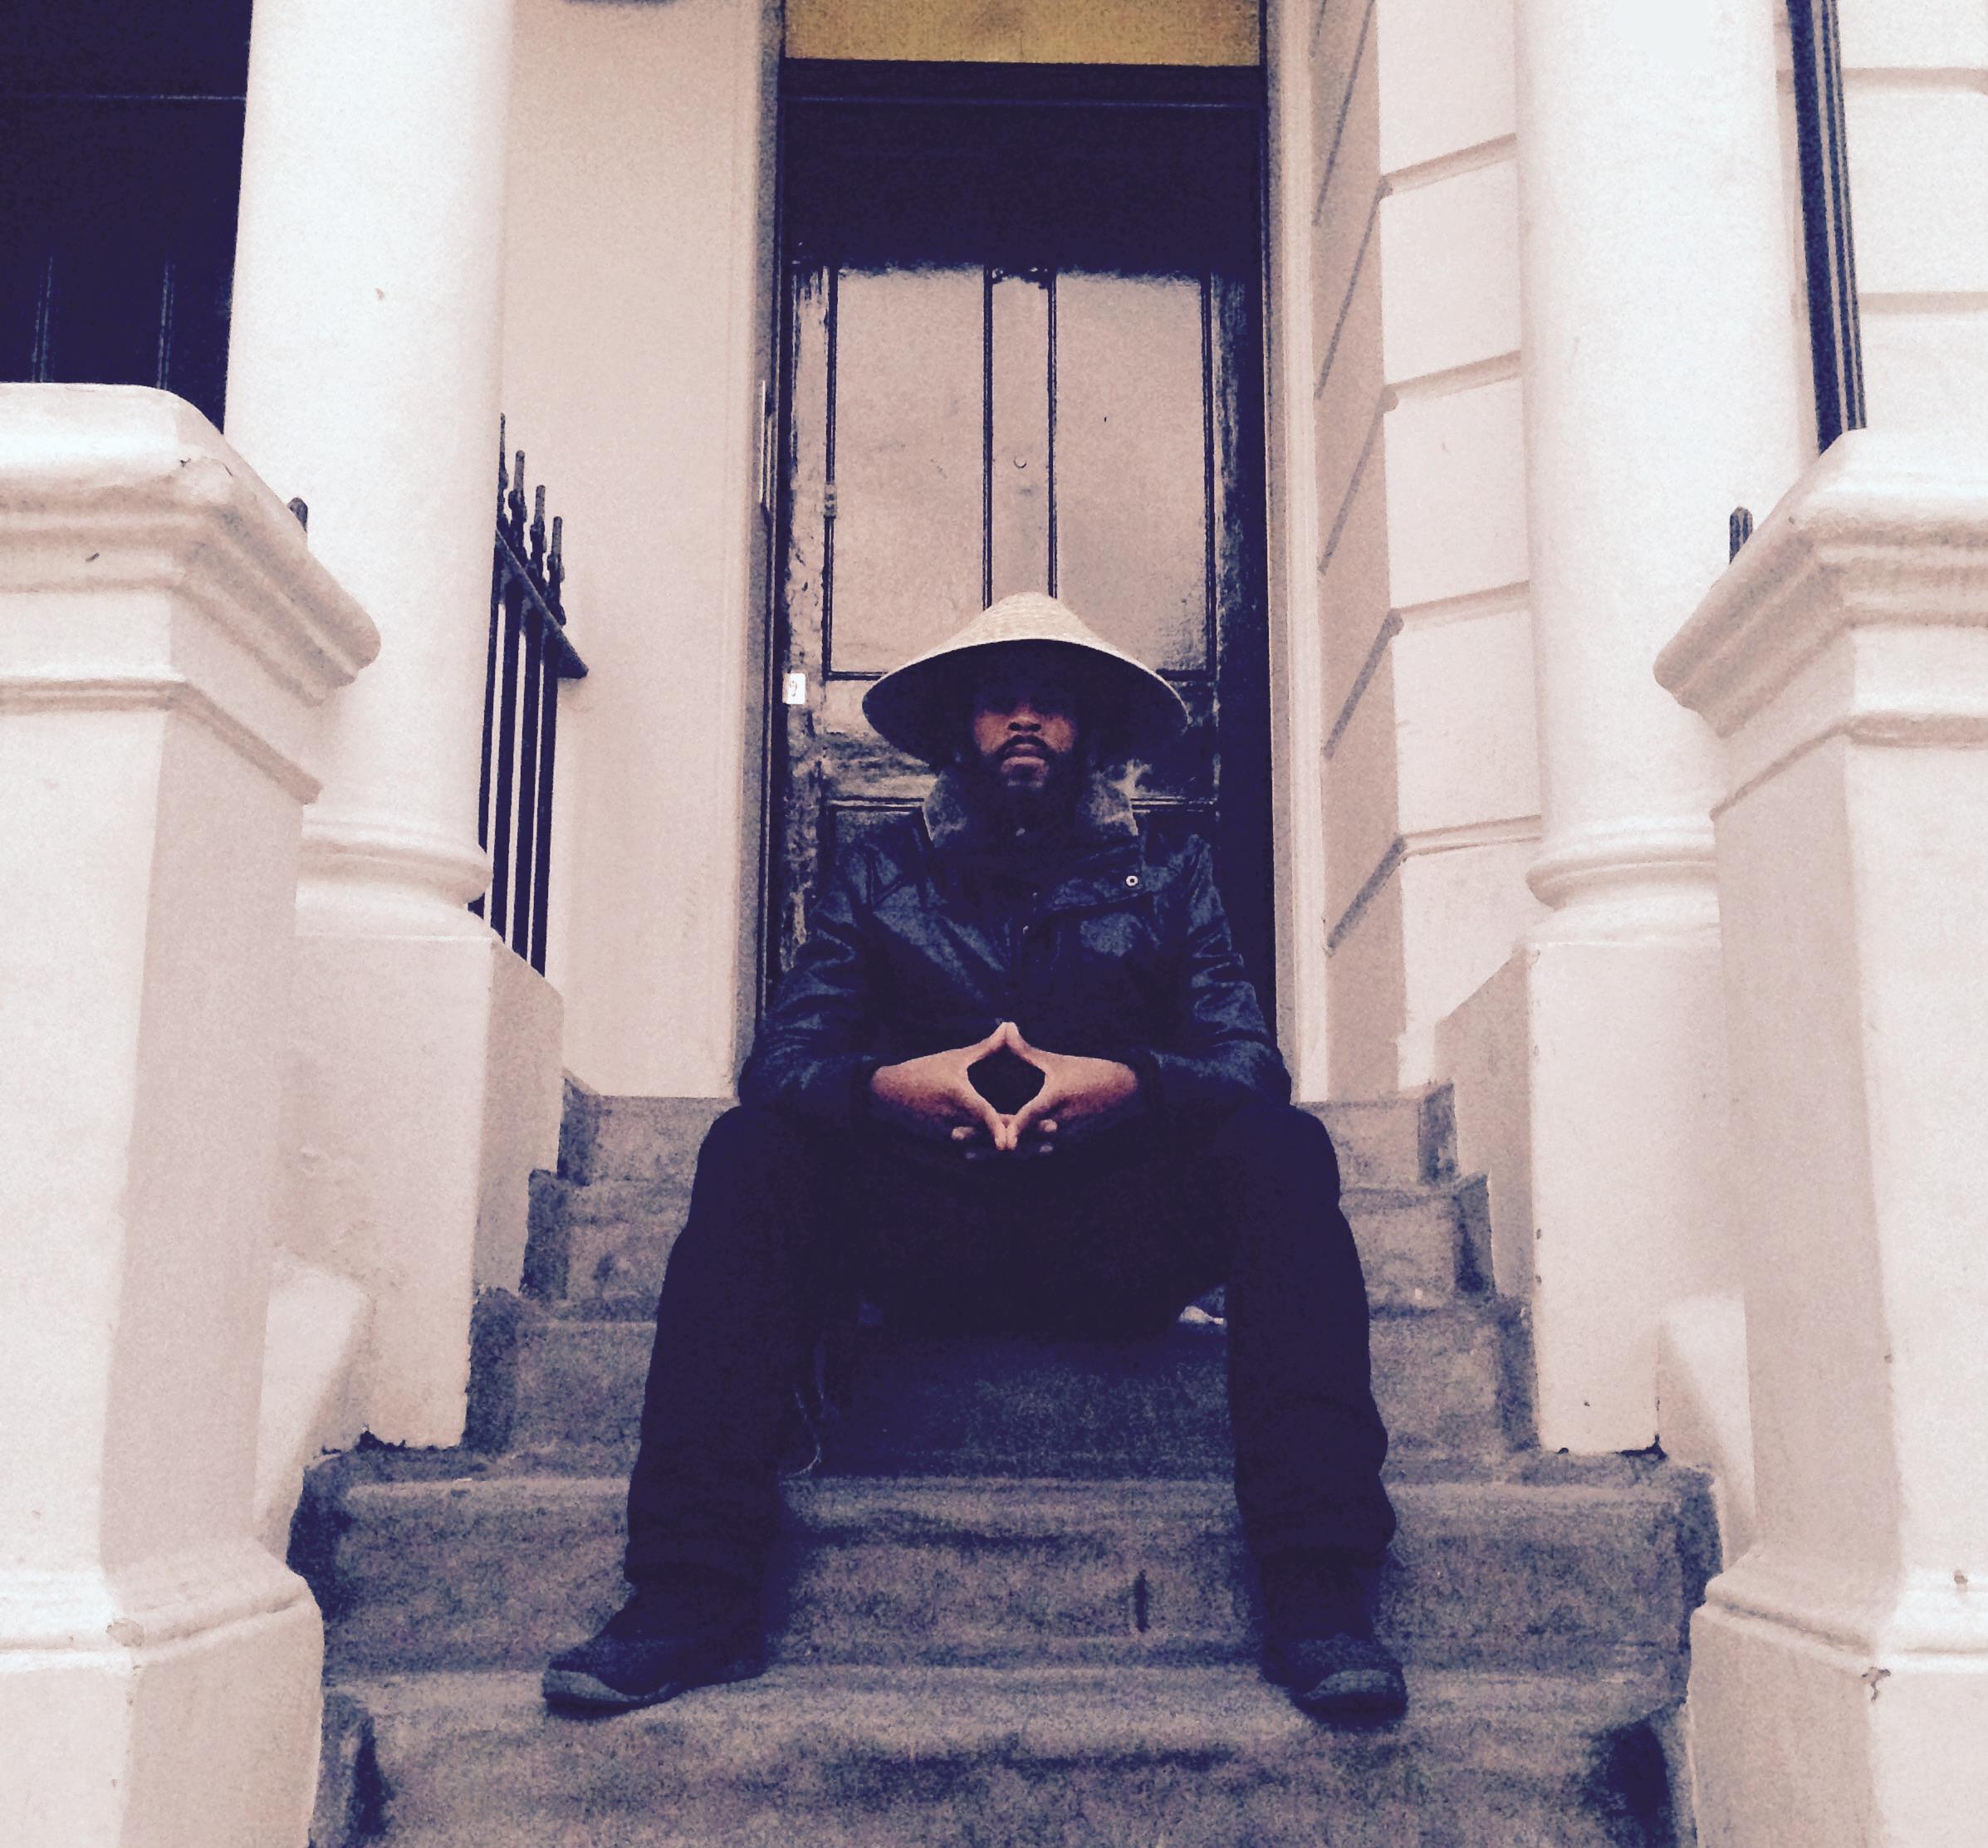 """Le talentueux MC Durrty Goodz annonce son EP """"Not Been Televised"""" avant la sortie de son album cet été."""